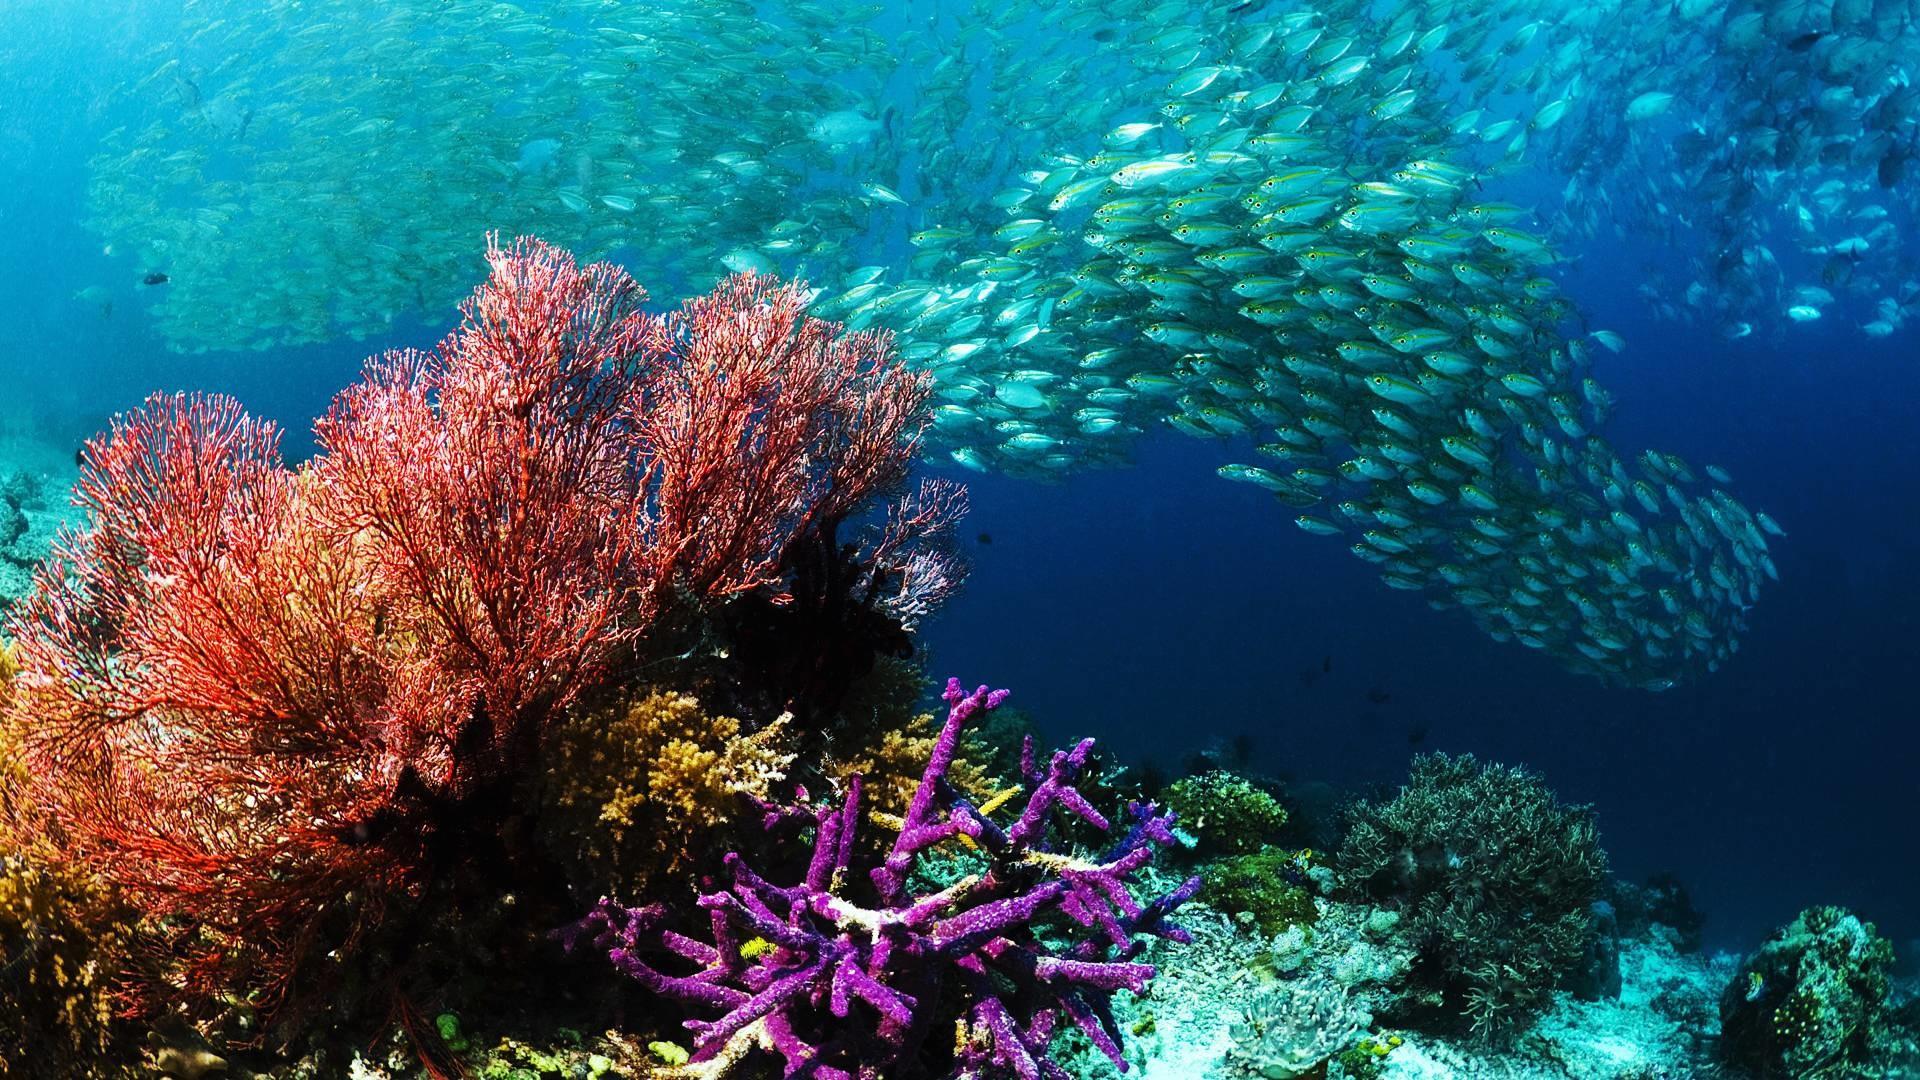 Underwater Ocean Wallpaper Picture